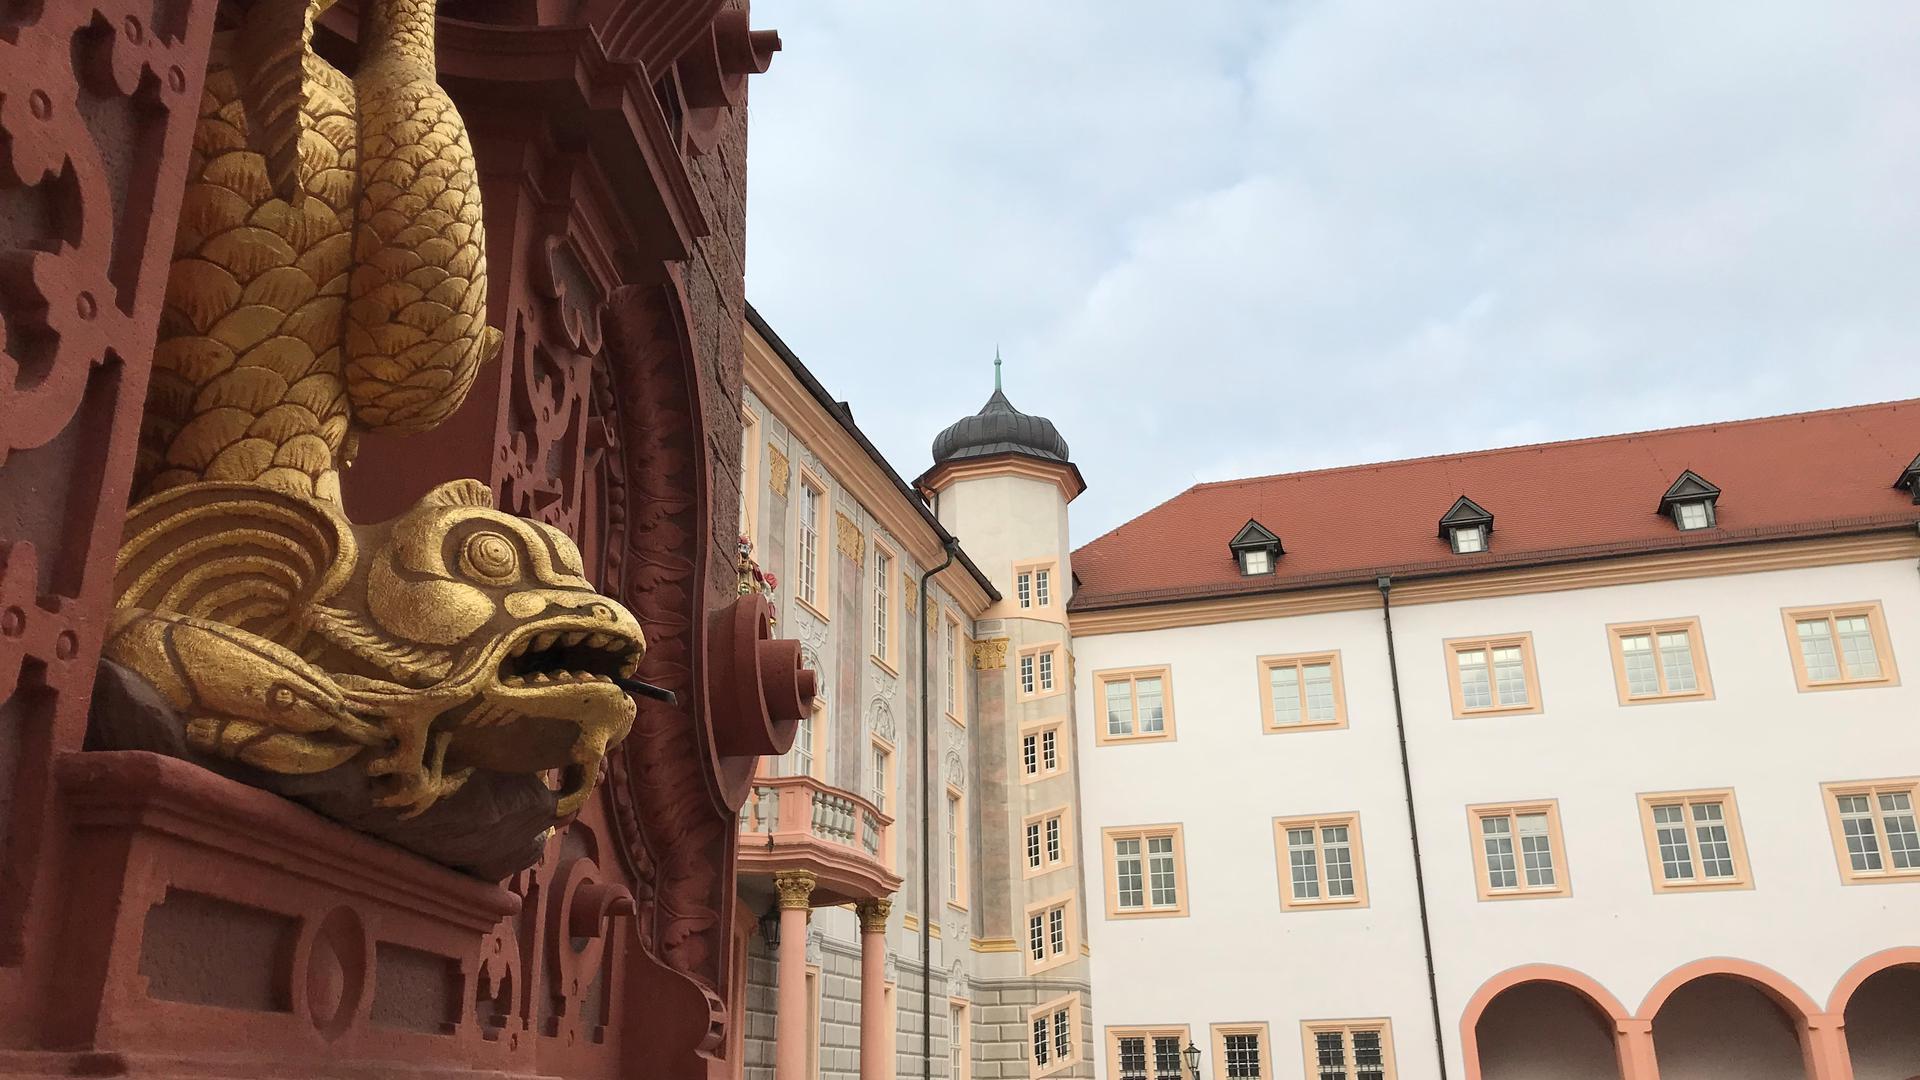 Der Startpunkt: Der Rundgang beginnt im Innenhof des Ettlinger Schlosses.